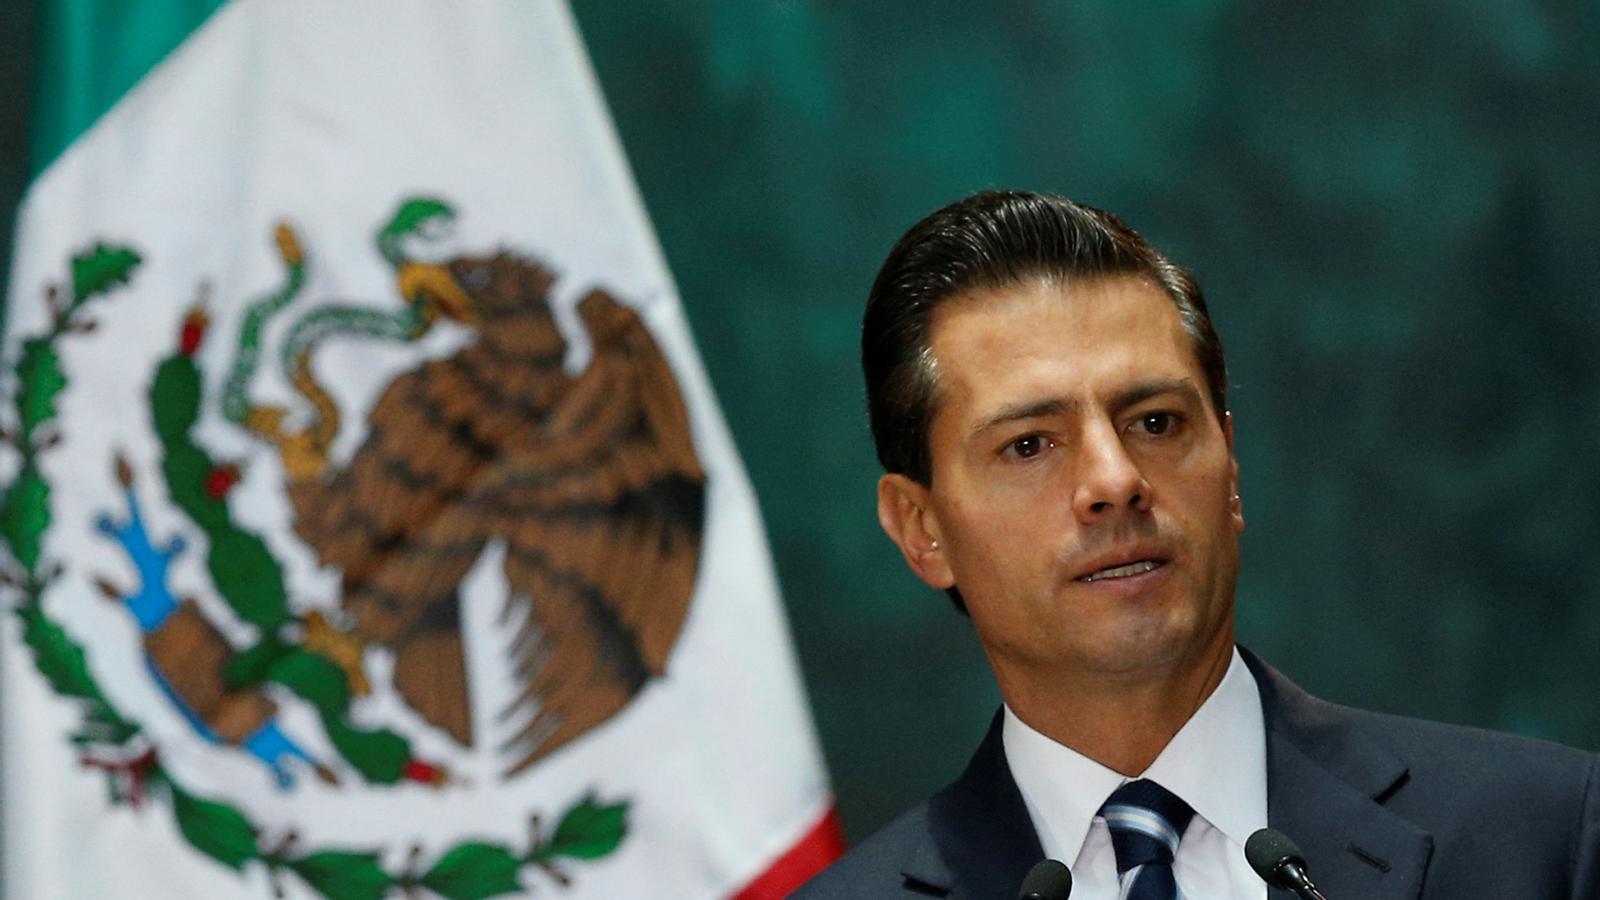 El president de Mèxic va plagiar el 29% de la seva tesi